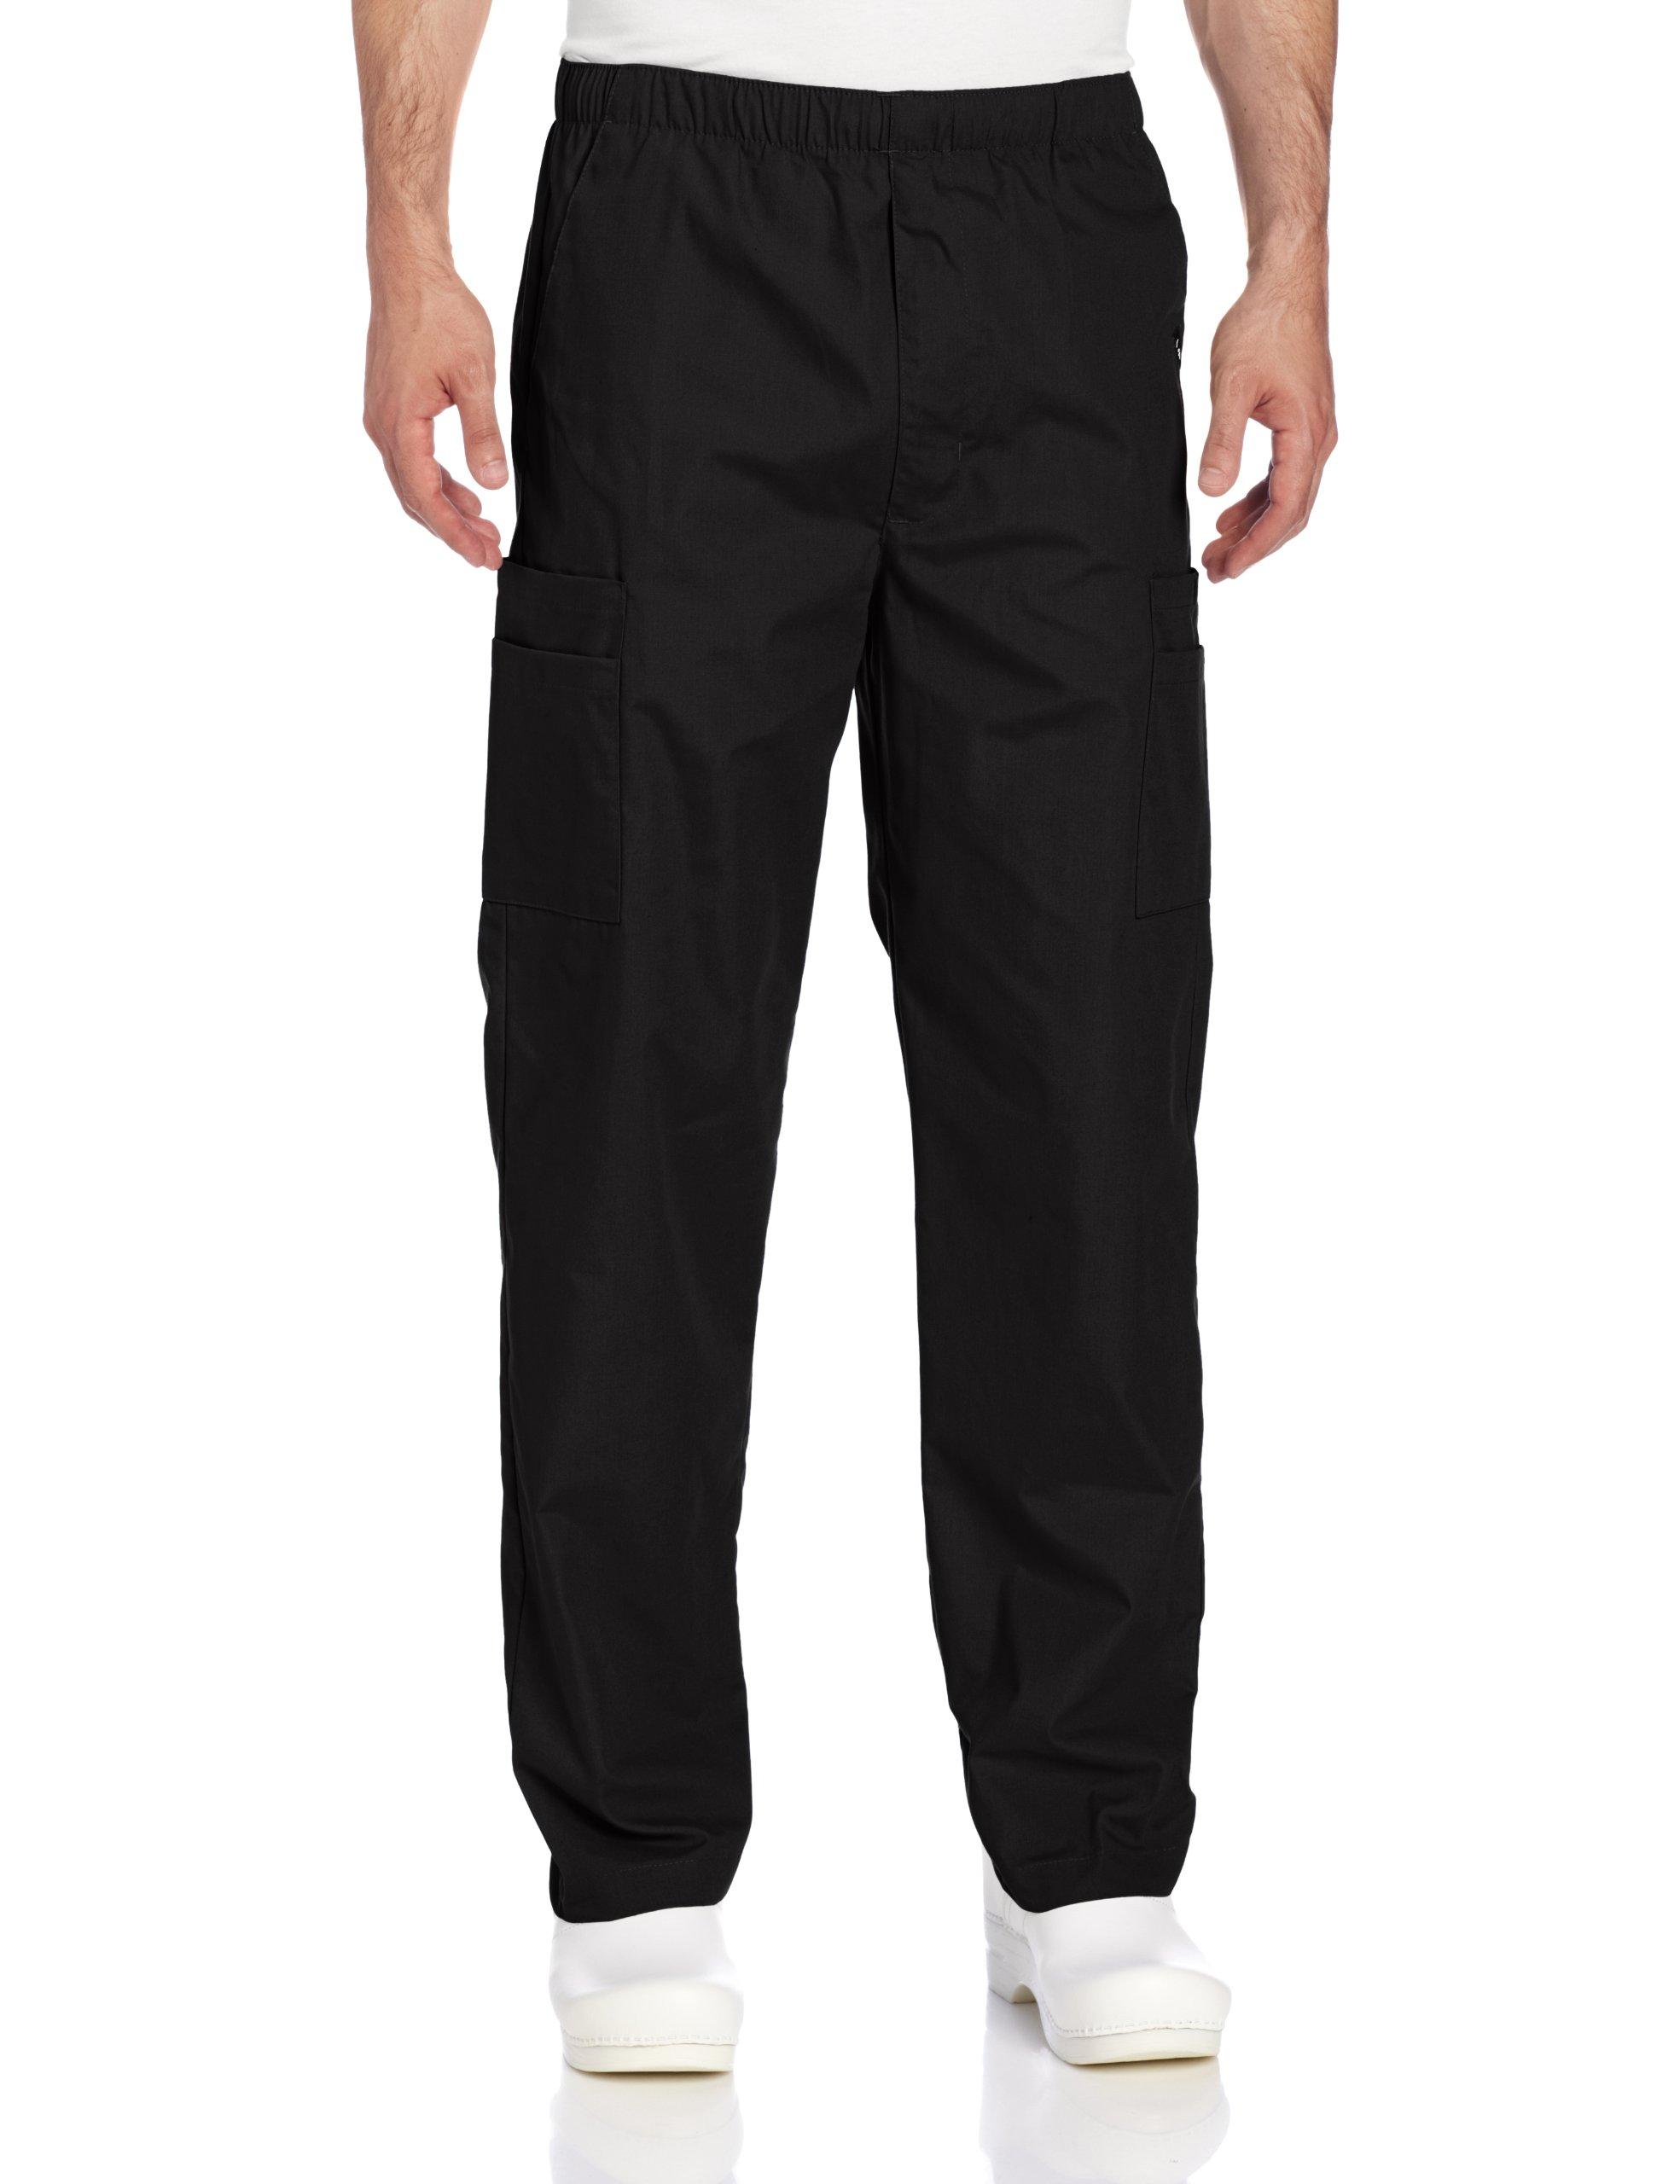 Landau Men's Cargo Scrub Pant, Black, X-Large